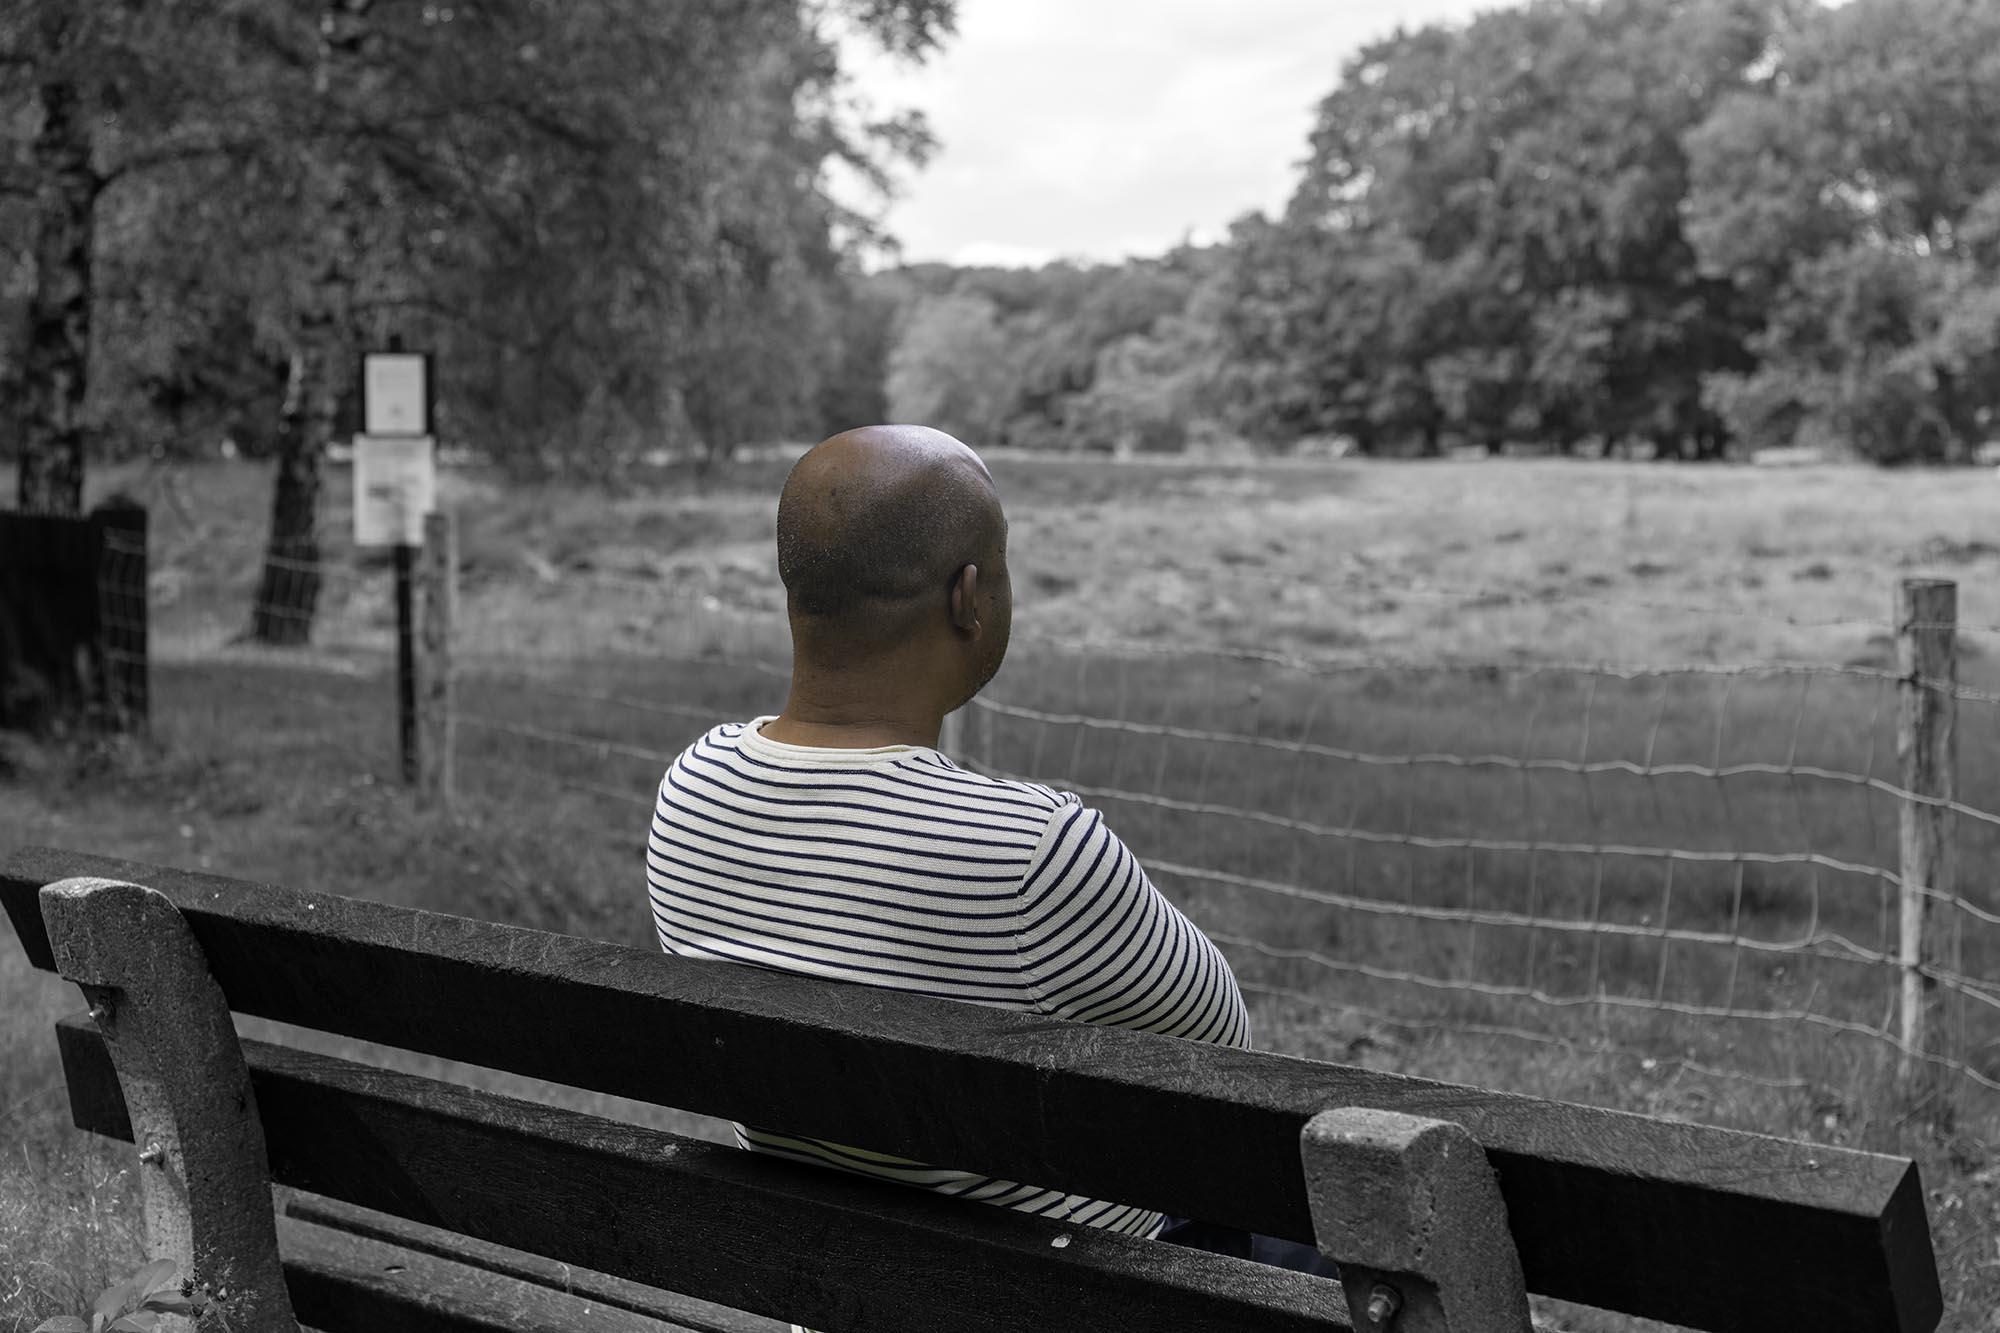 Mensen van Den Dolder Marlon. Mensen van Den Dolder is een project van wilgehof + sodaar